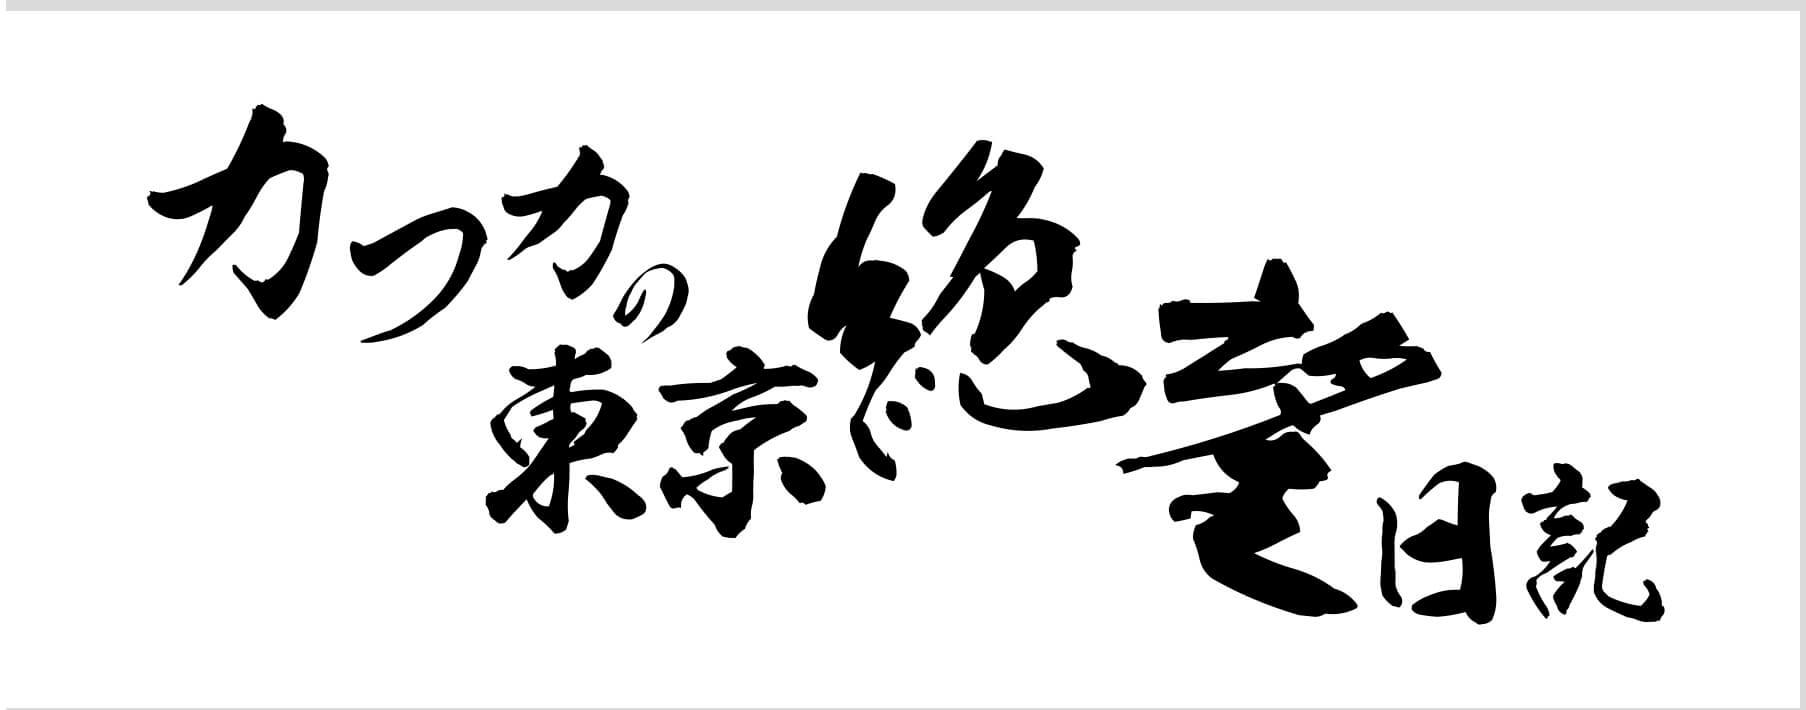 「カフカの東京絶望日記」の最終回が遂に放送!6話でカフカは生まれ変わる!?そして映画へ